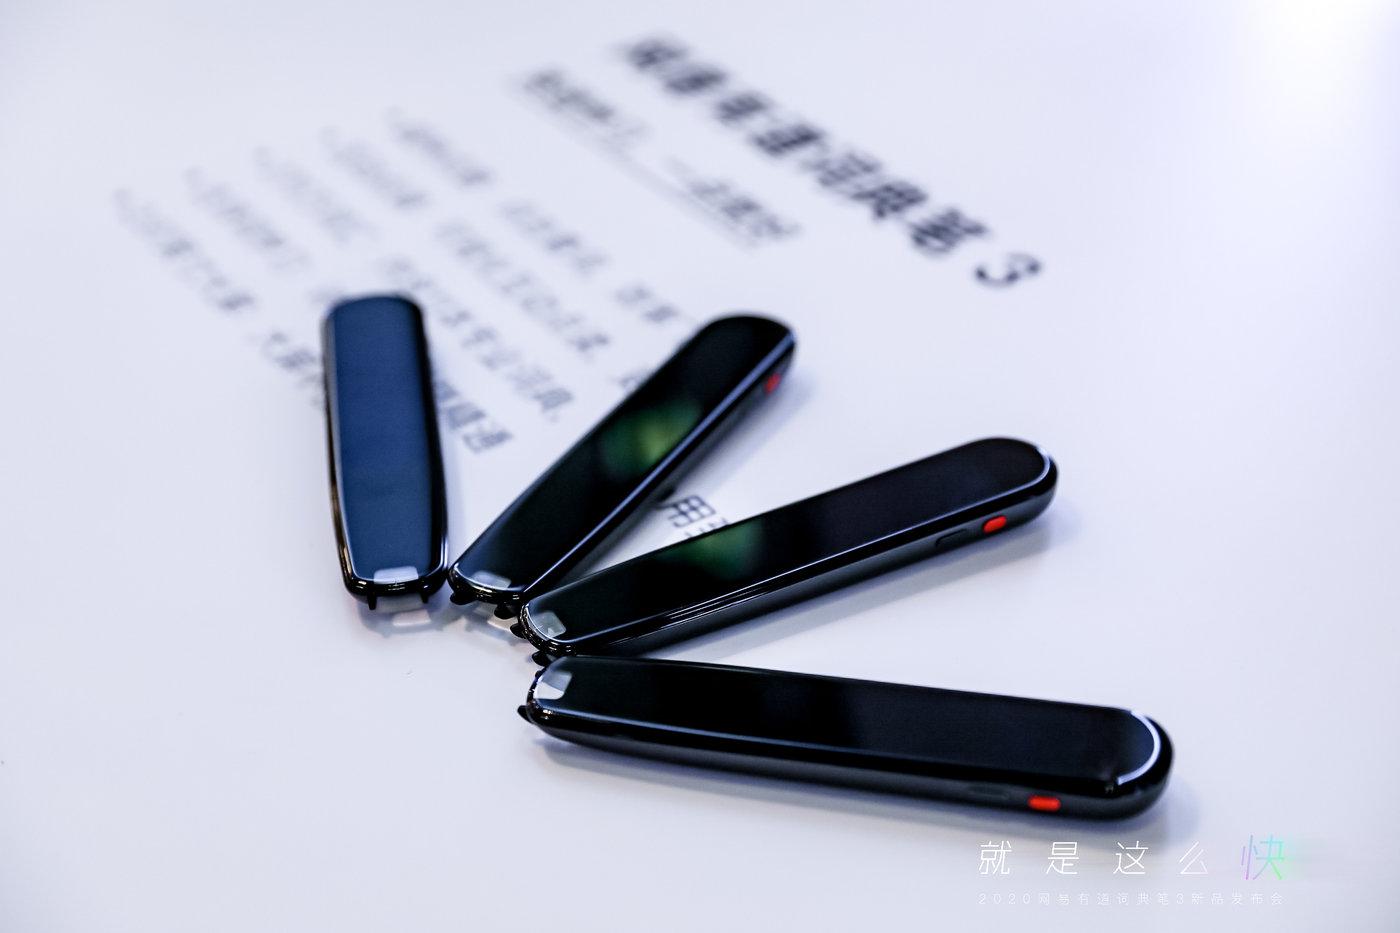 网易有道新推出的第三代词典笔